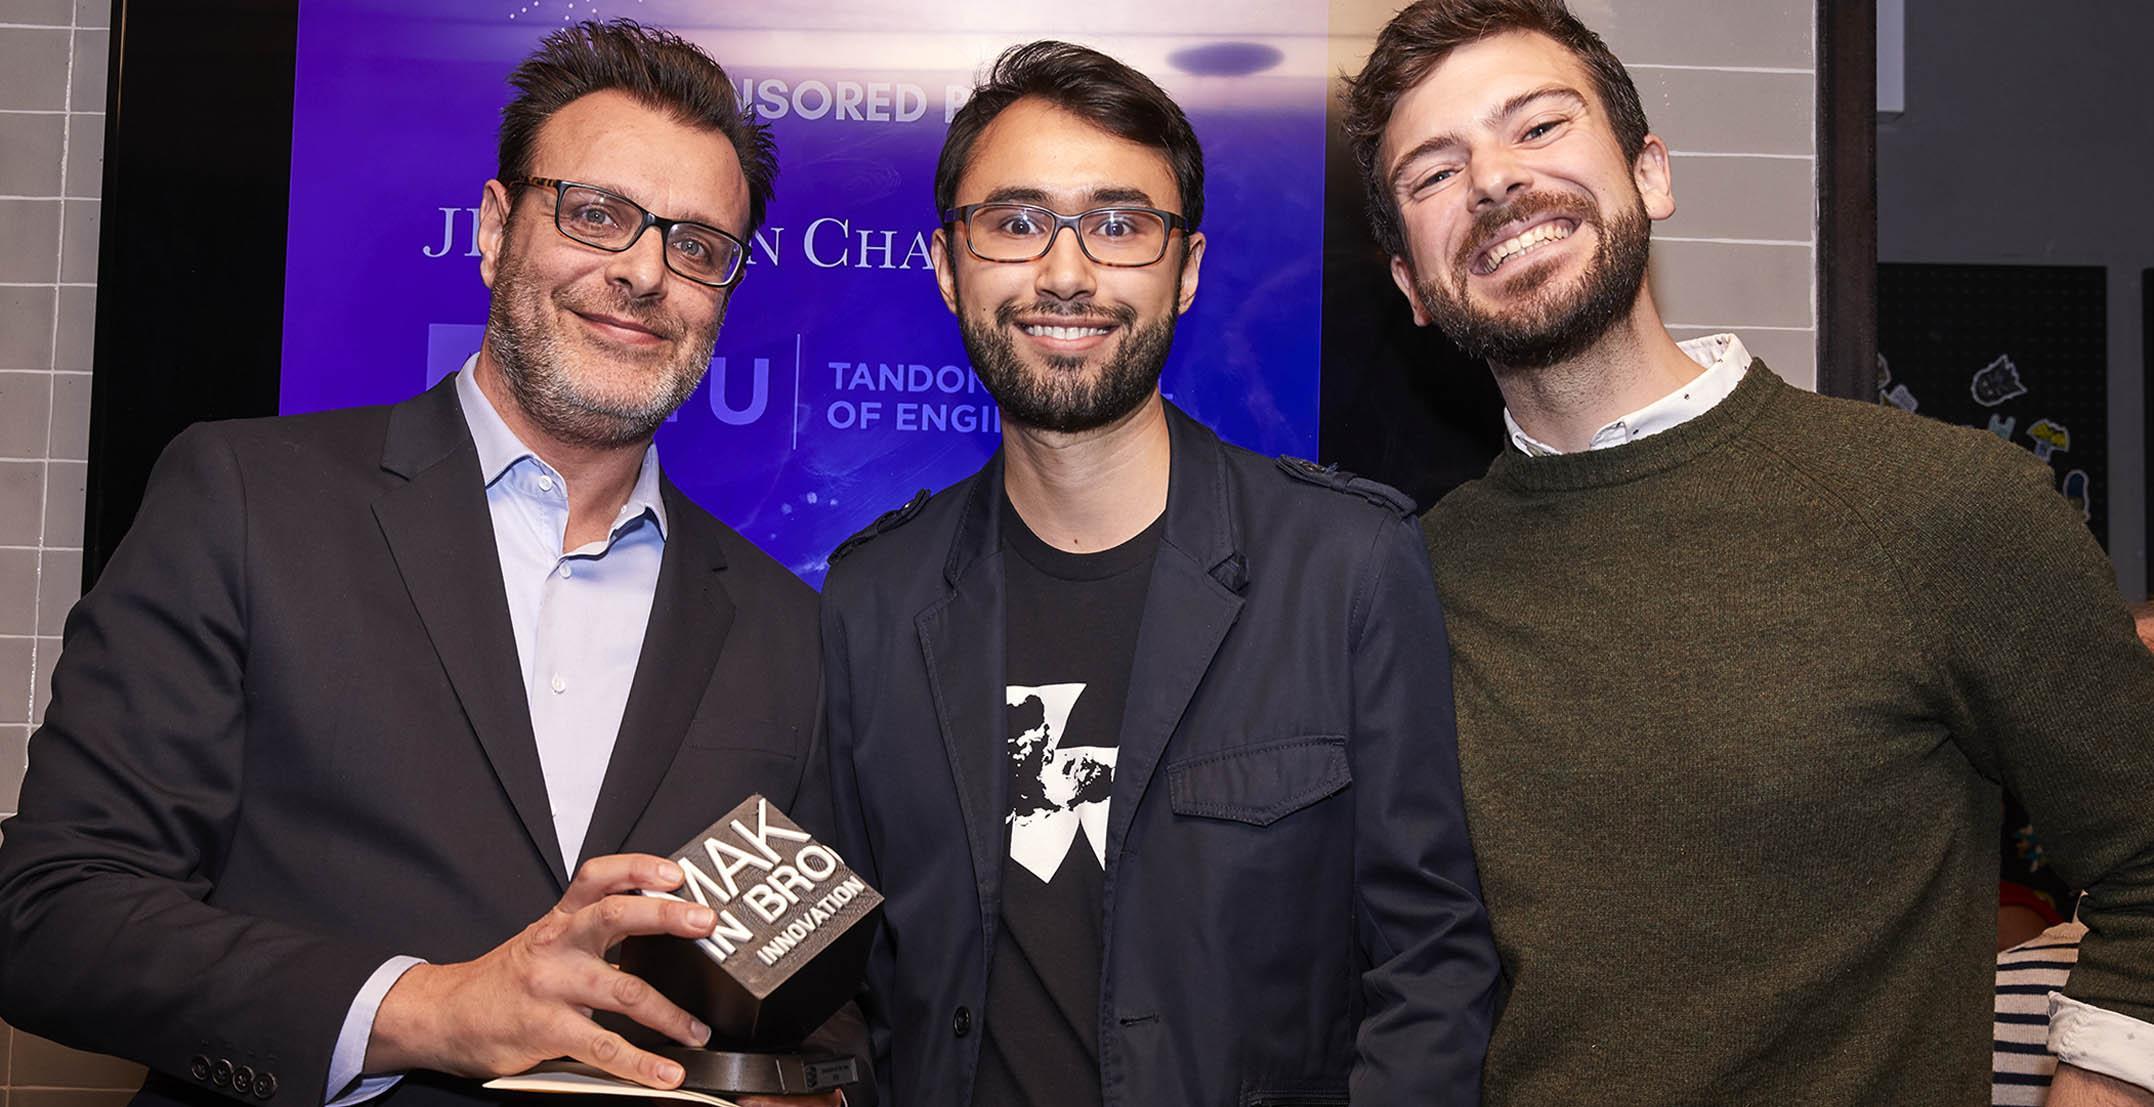 miib-innovation-awards-nexloop.jpg#asset:16380